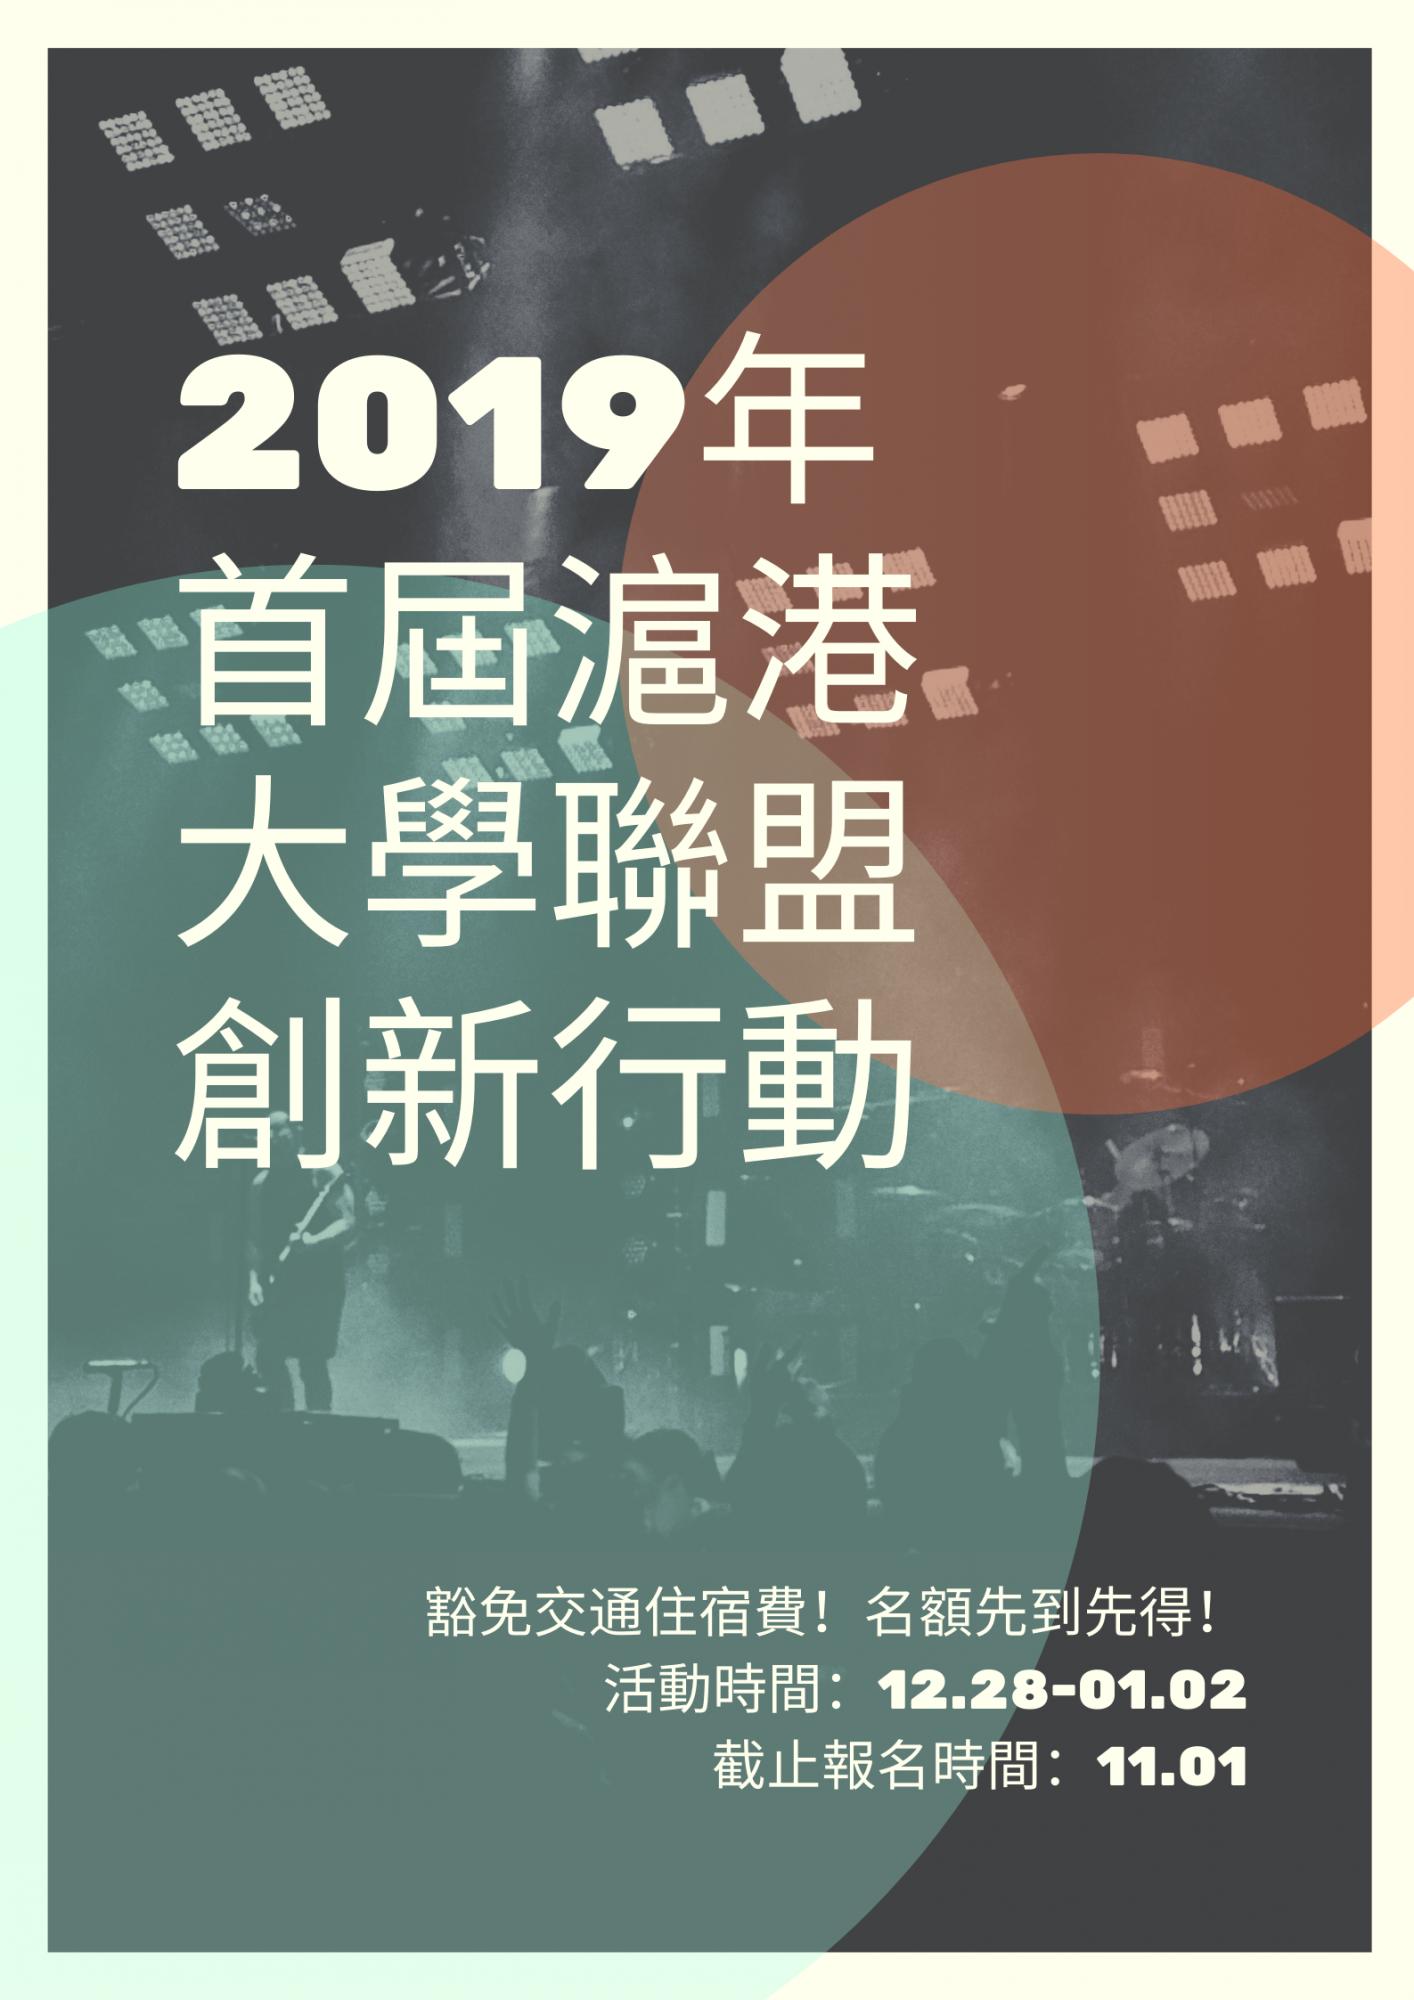 2019年首屆滬港大學聯盟創新行動